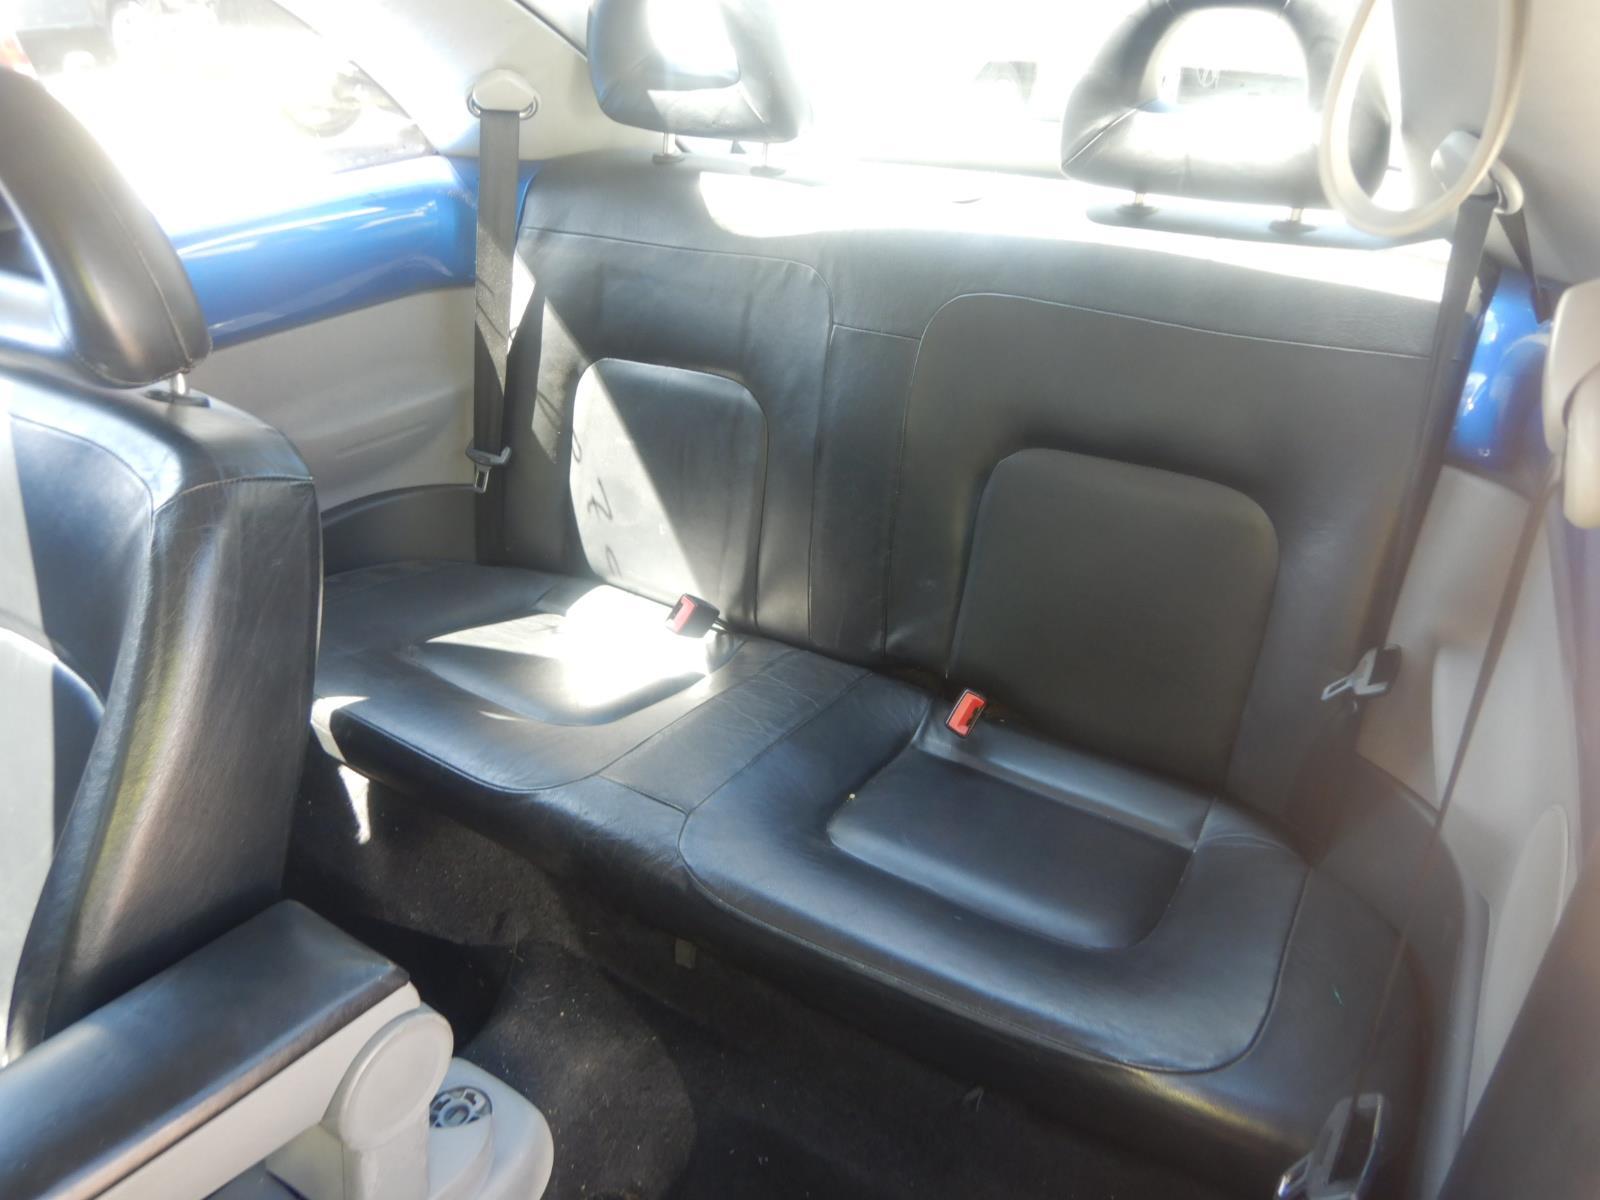 Volkswagen Beetle 1999 To 2006 3 Door Hatchback / scrap